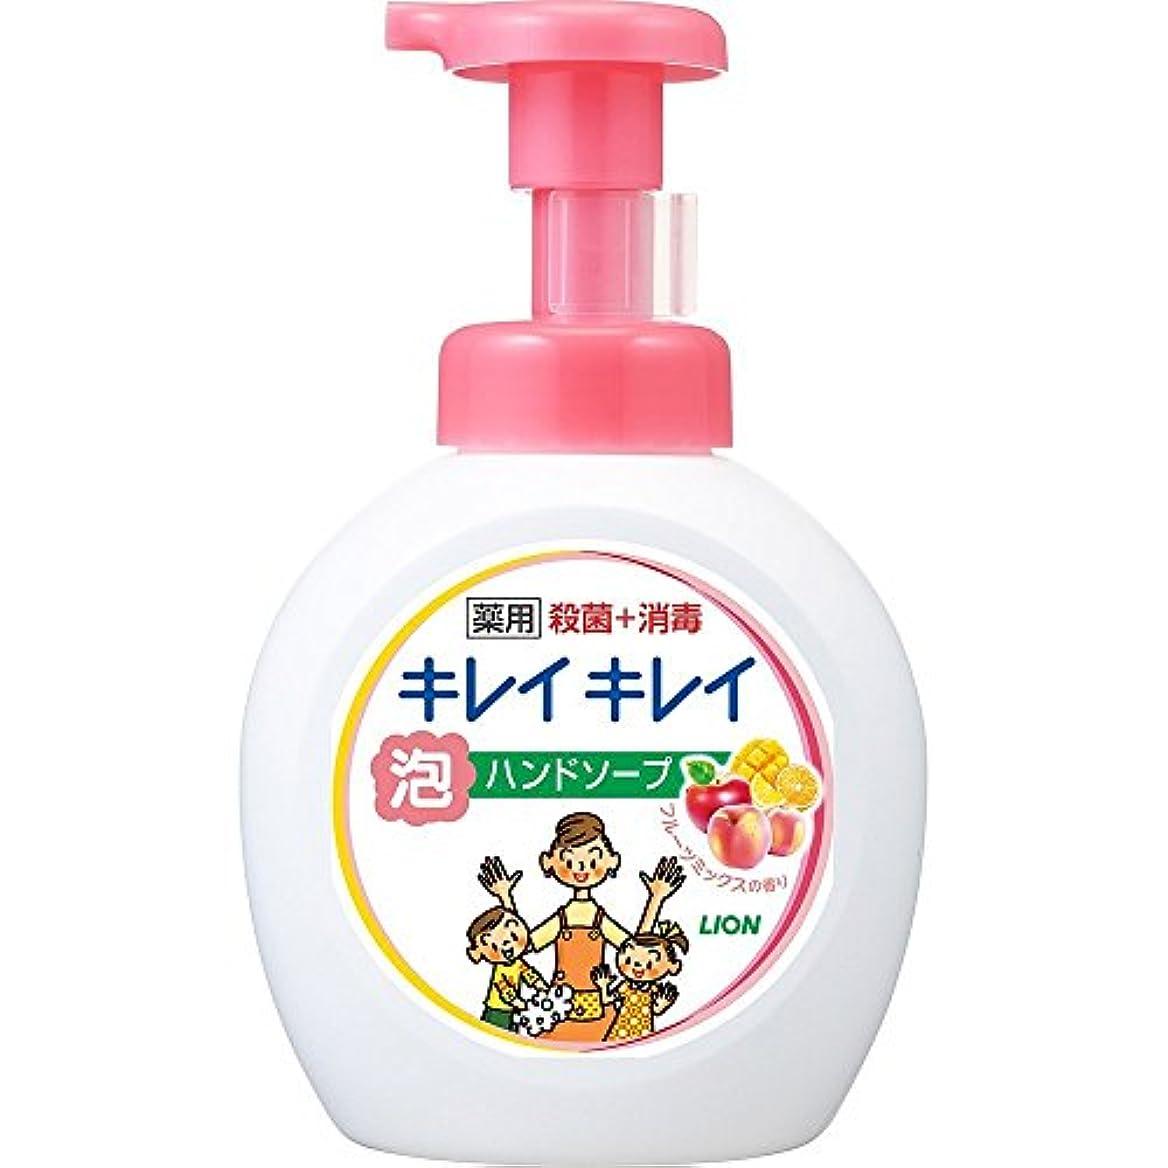 堀辞書同種のキレイキレイ 薬用 泡ハンドソープ フルーツミックスの香り 本体ポンプ 大型サイズ 500ml(医薬部外品)